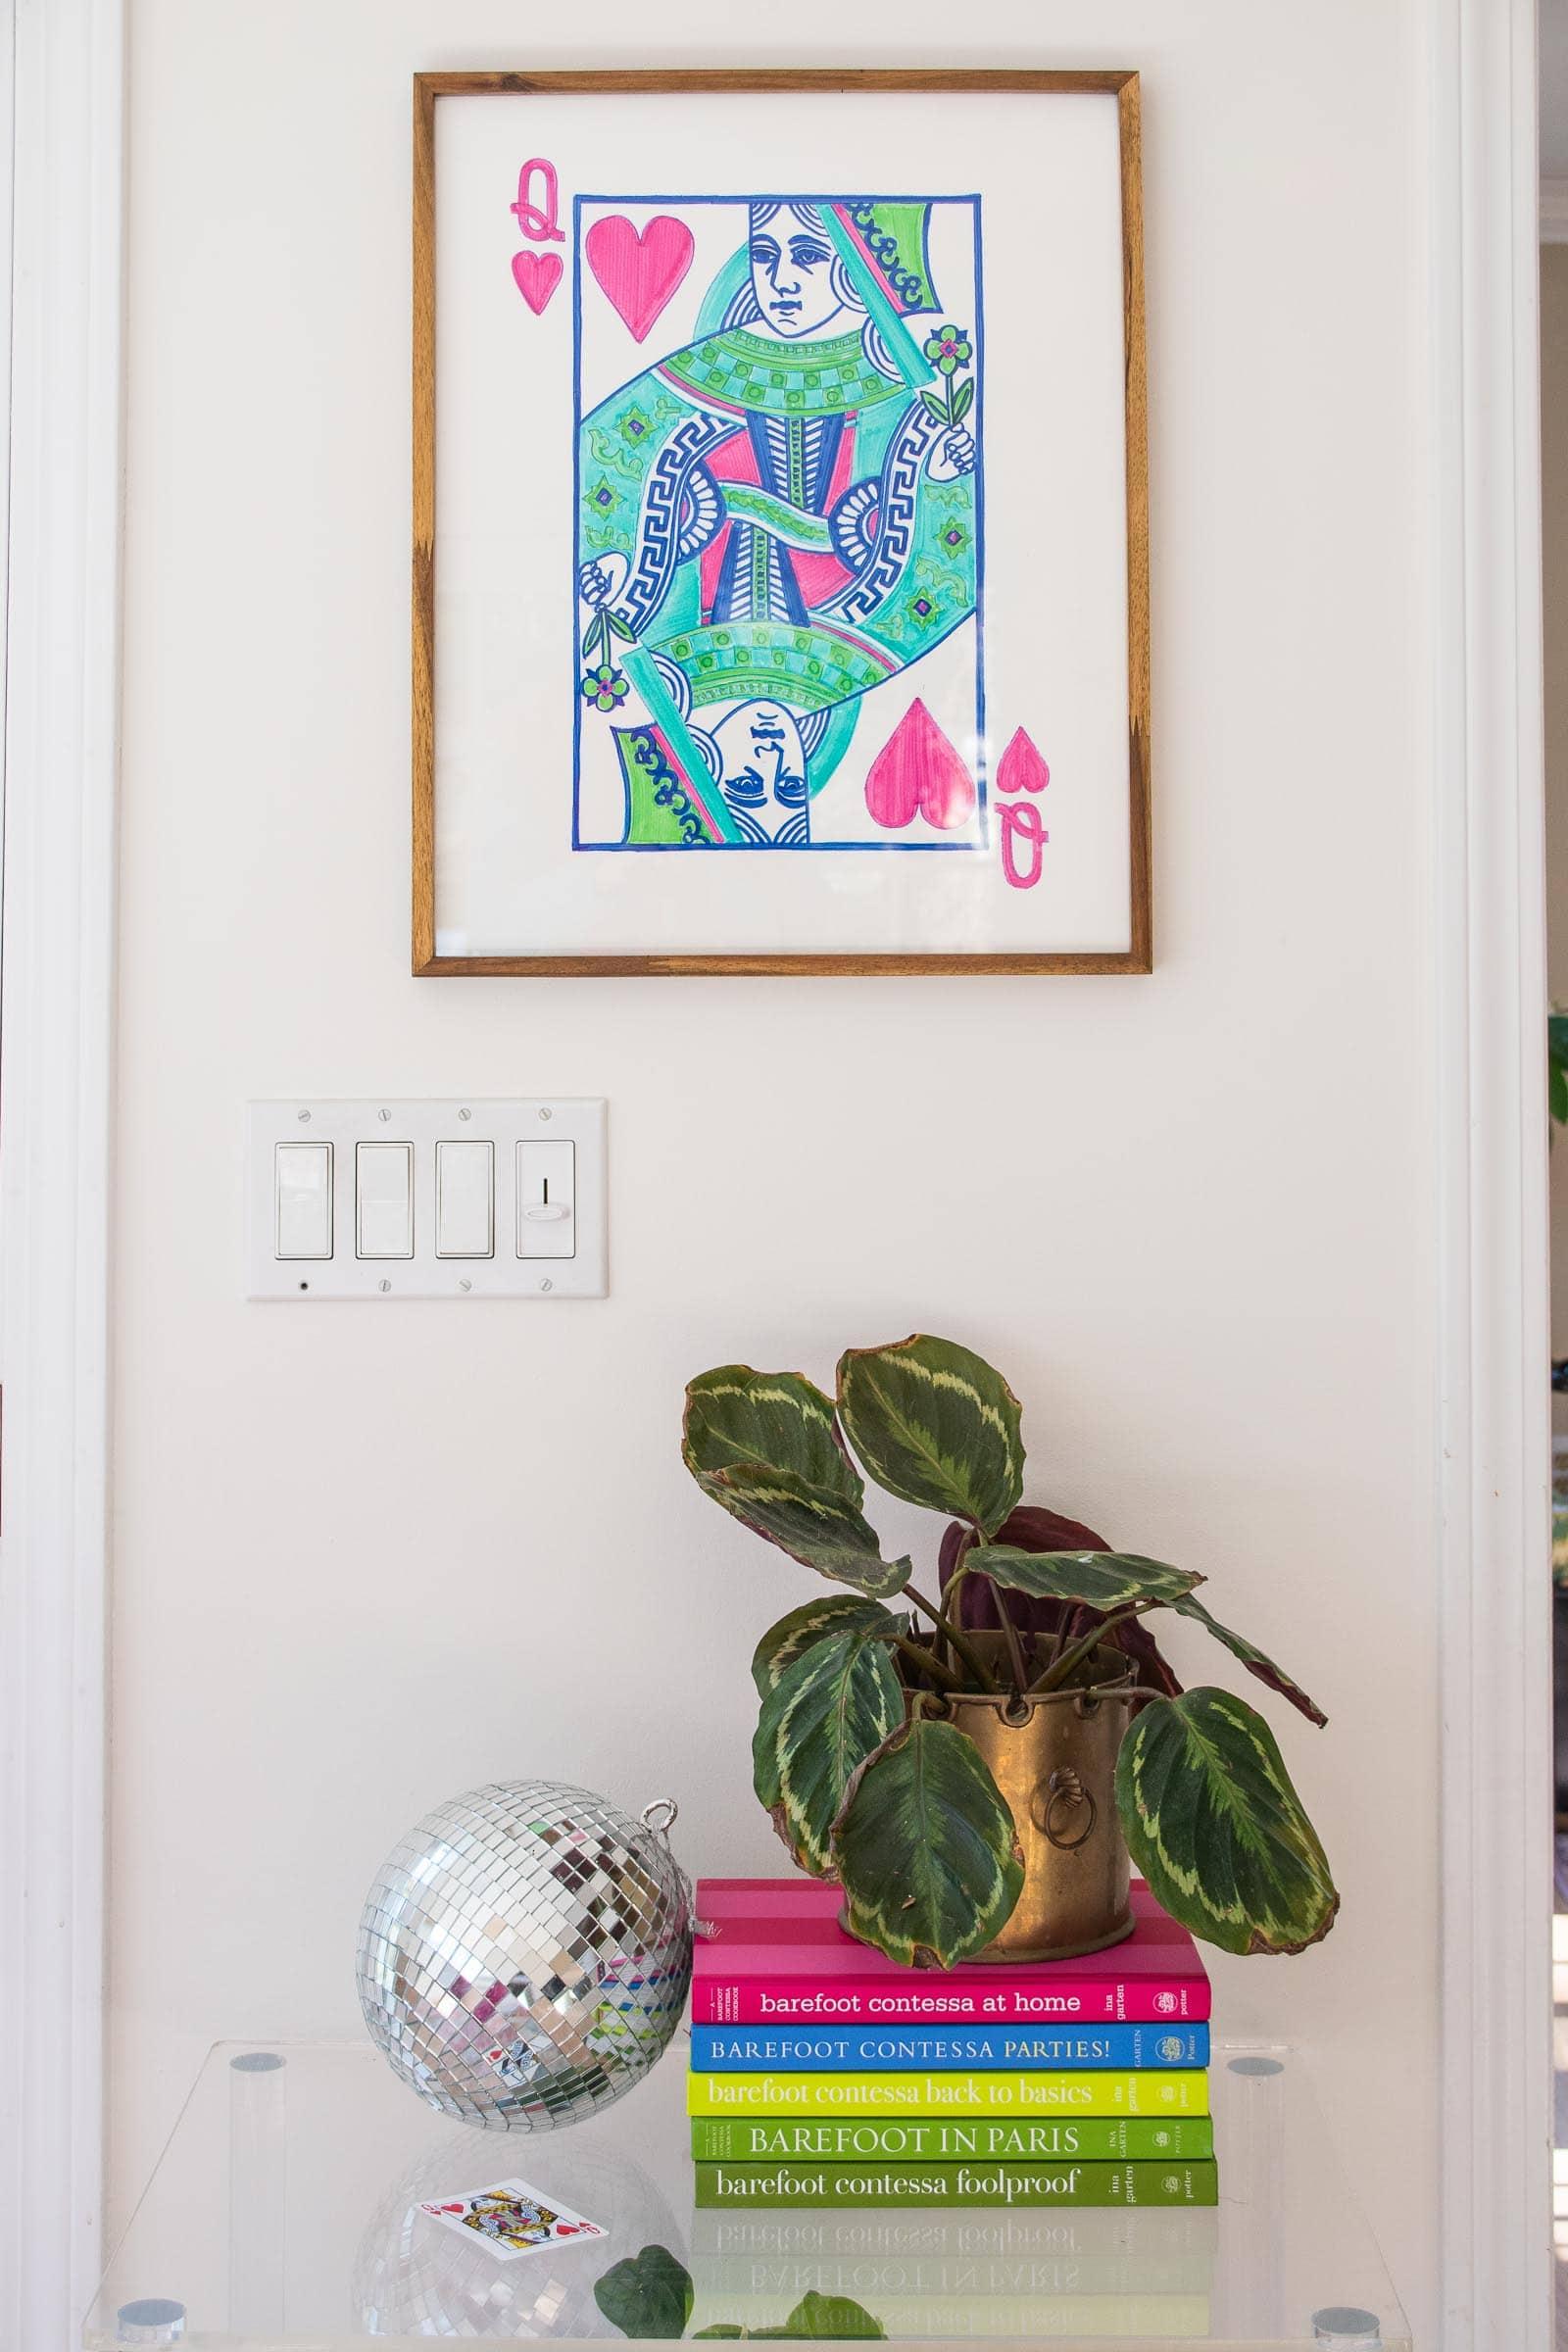 oversized queen of hearts artwork